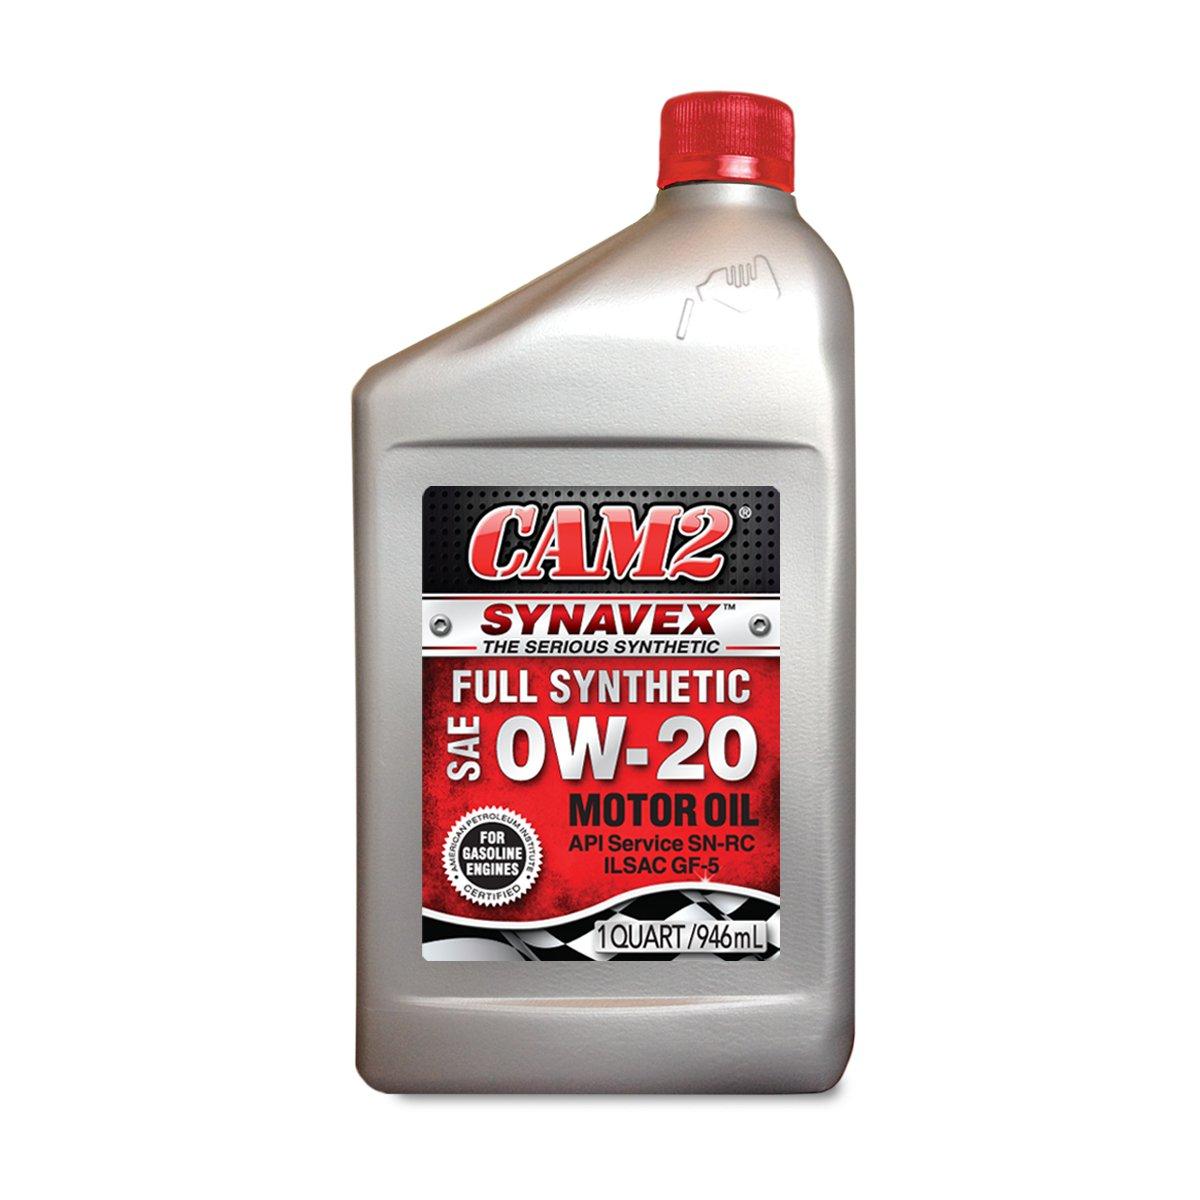 CAM2 80565-38306-6PK Synavex 0W-20 Motor Oil - 1 Quart, (Pack of 6)